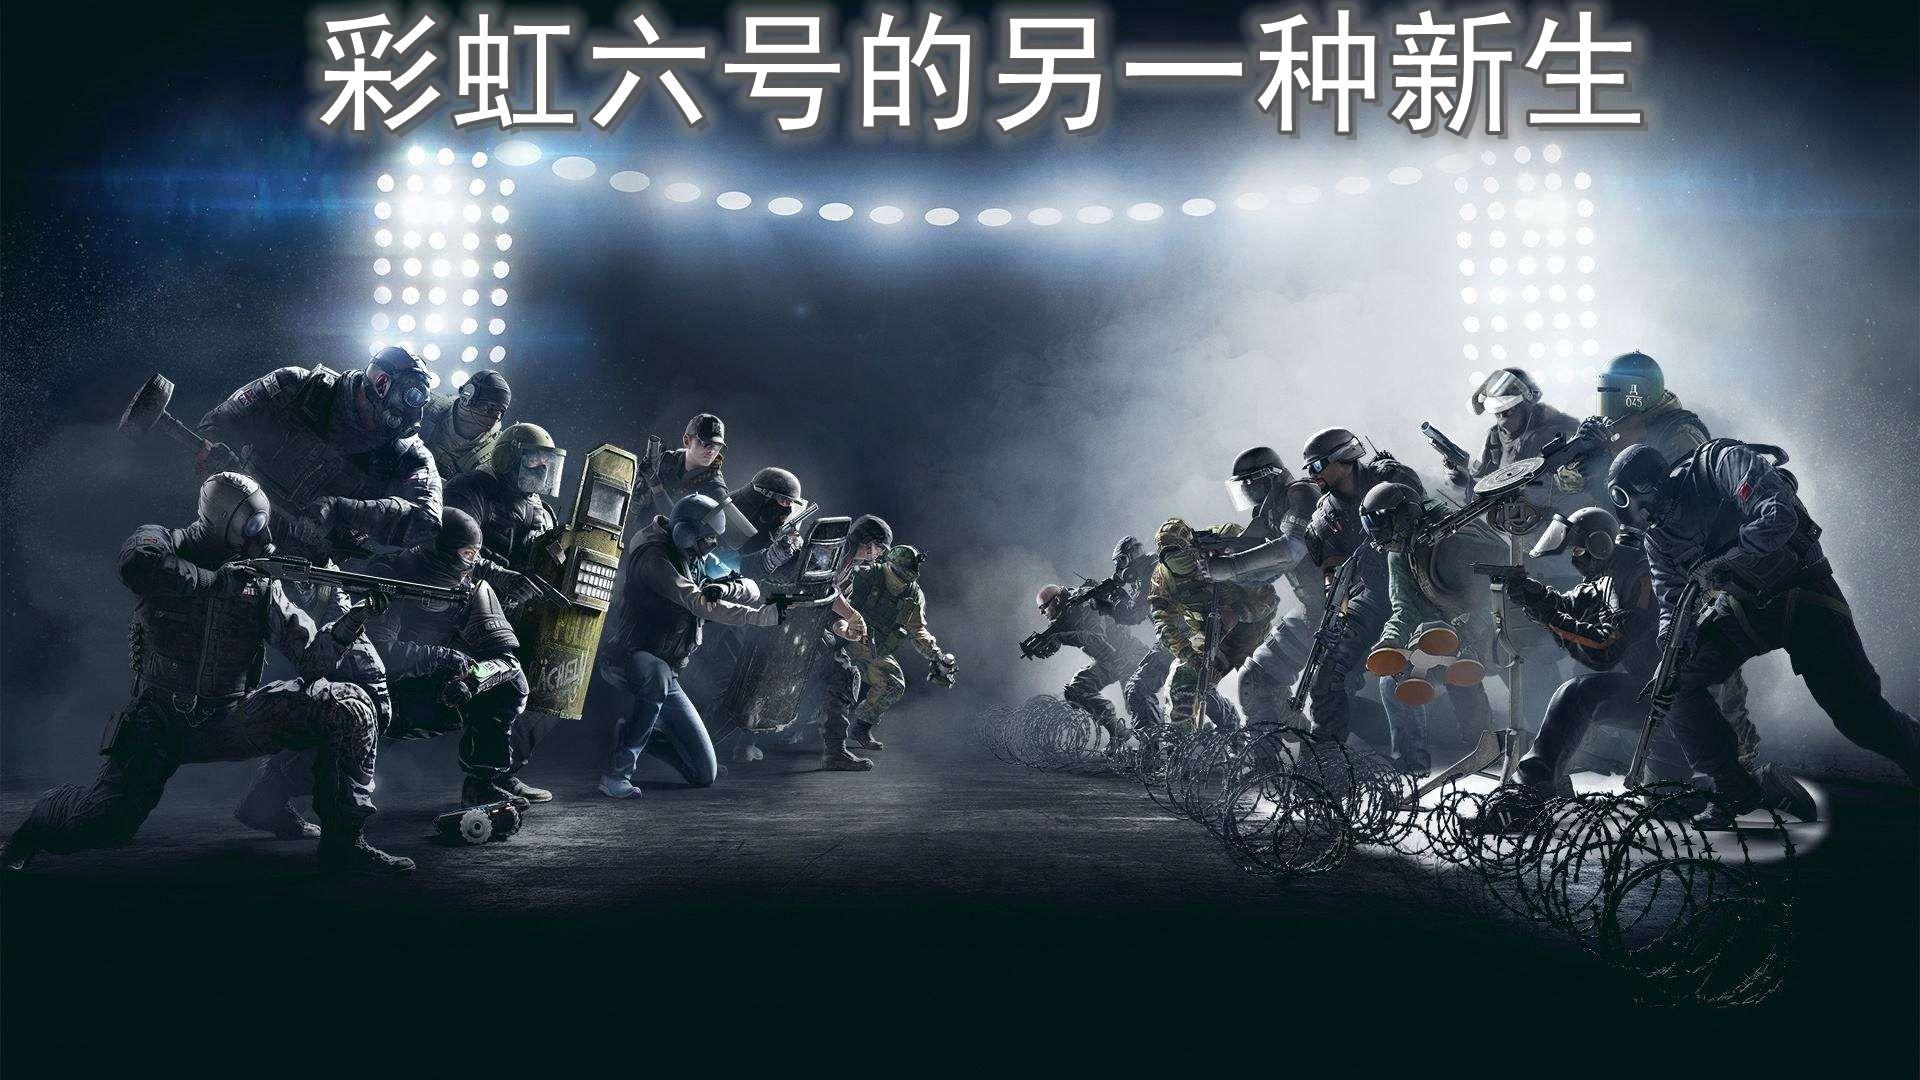 R6围攻 战术型游戏彩虹六号的另一种新生_c5game